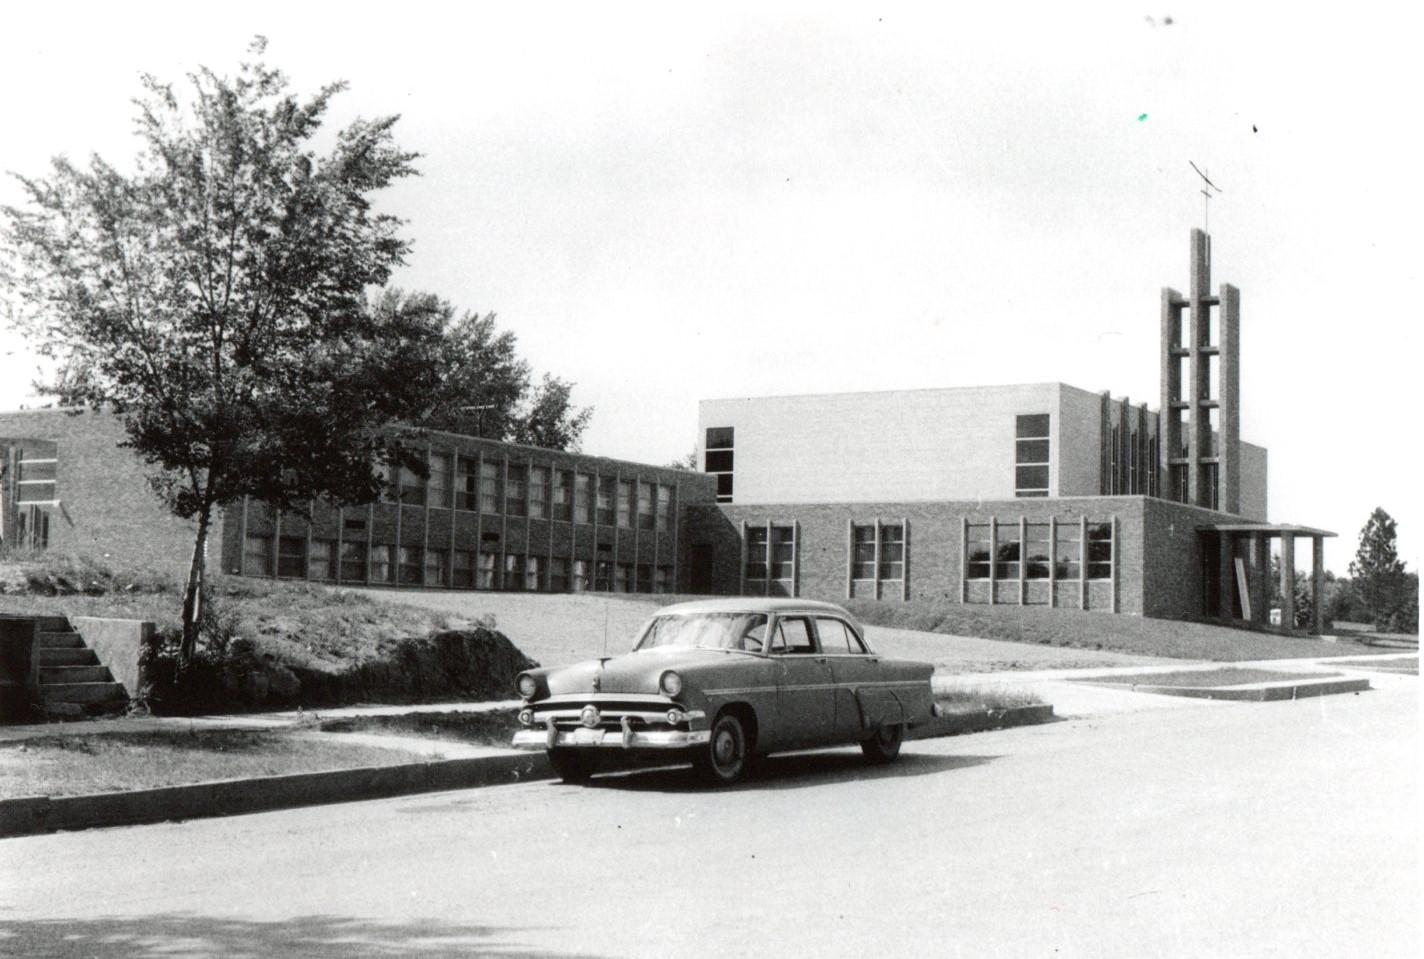 McCabe UMC. Photo credit: McCabe UMC Archives